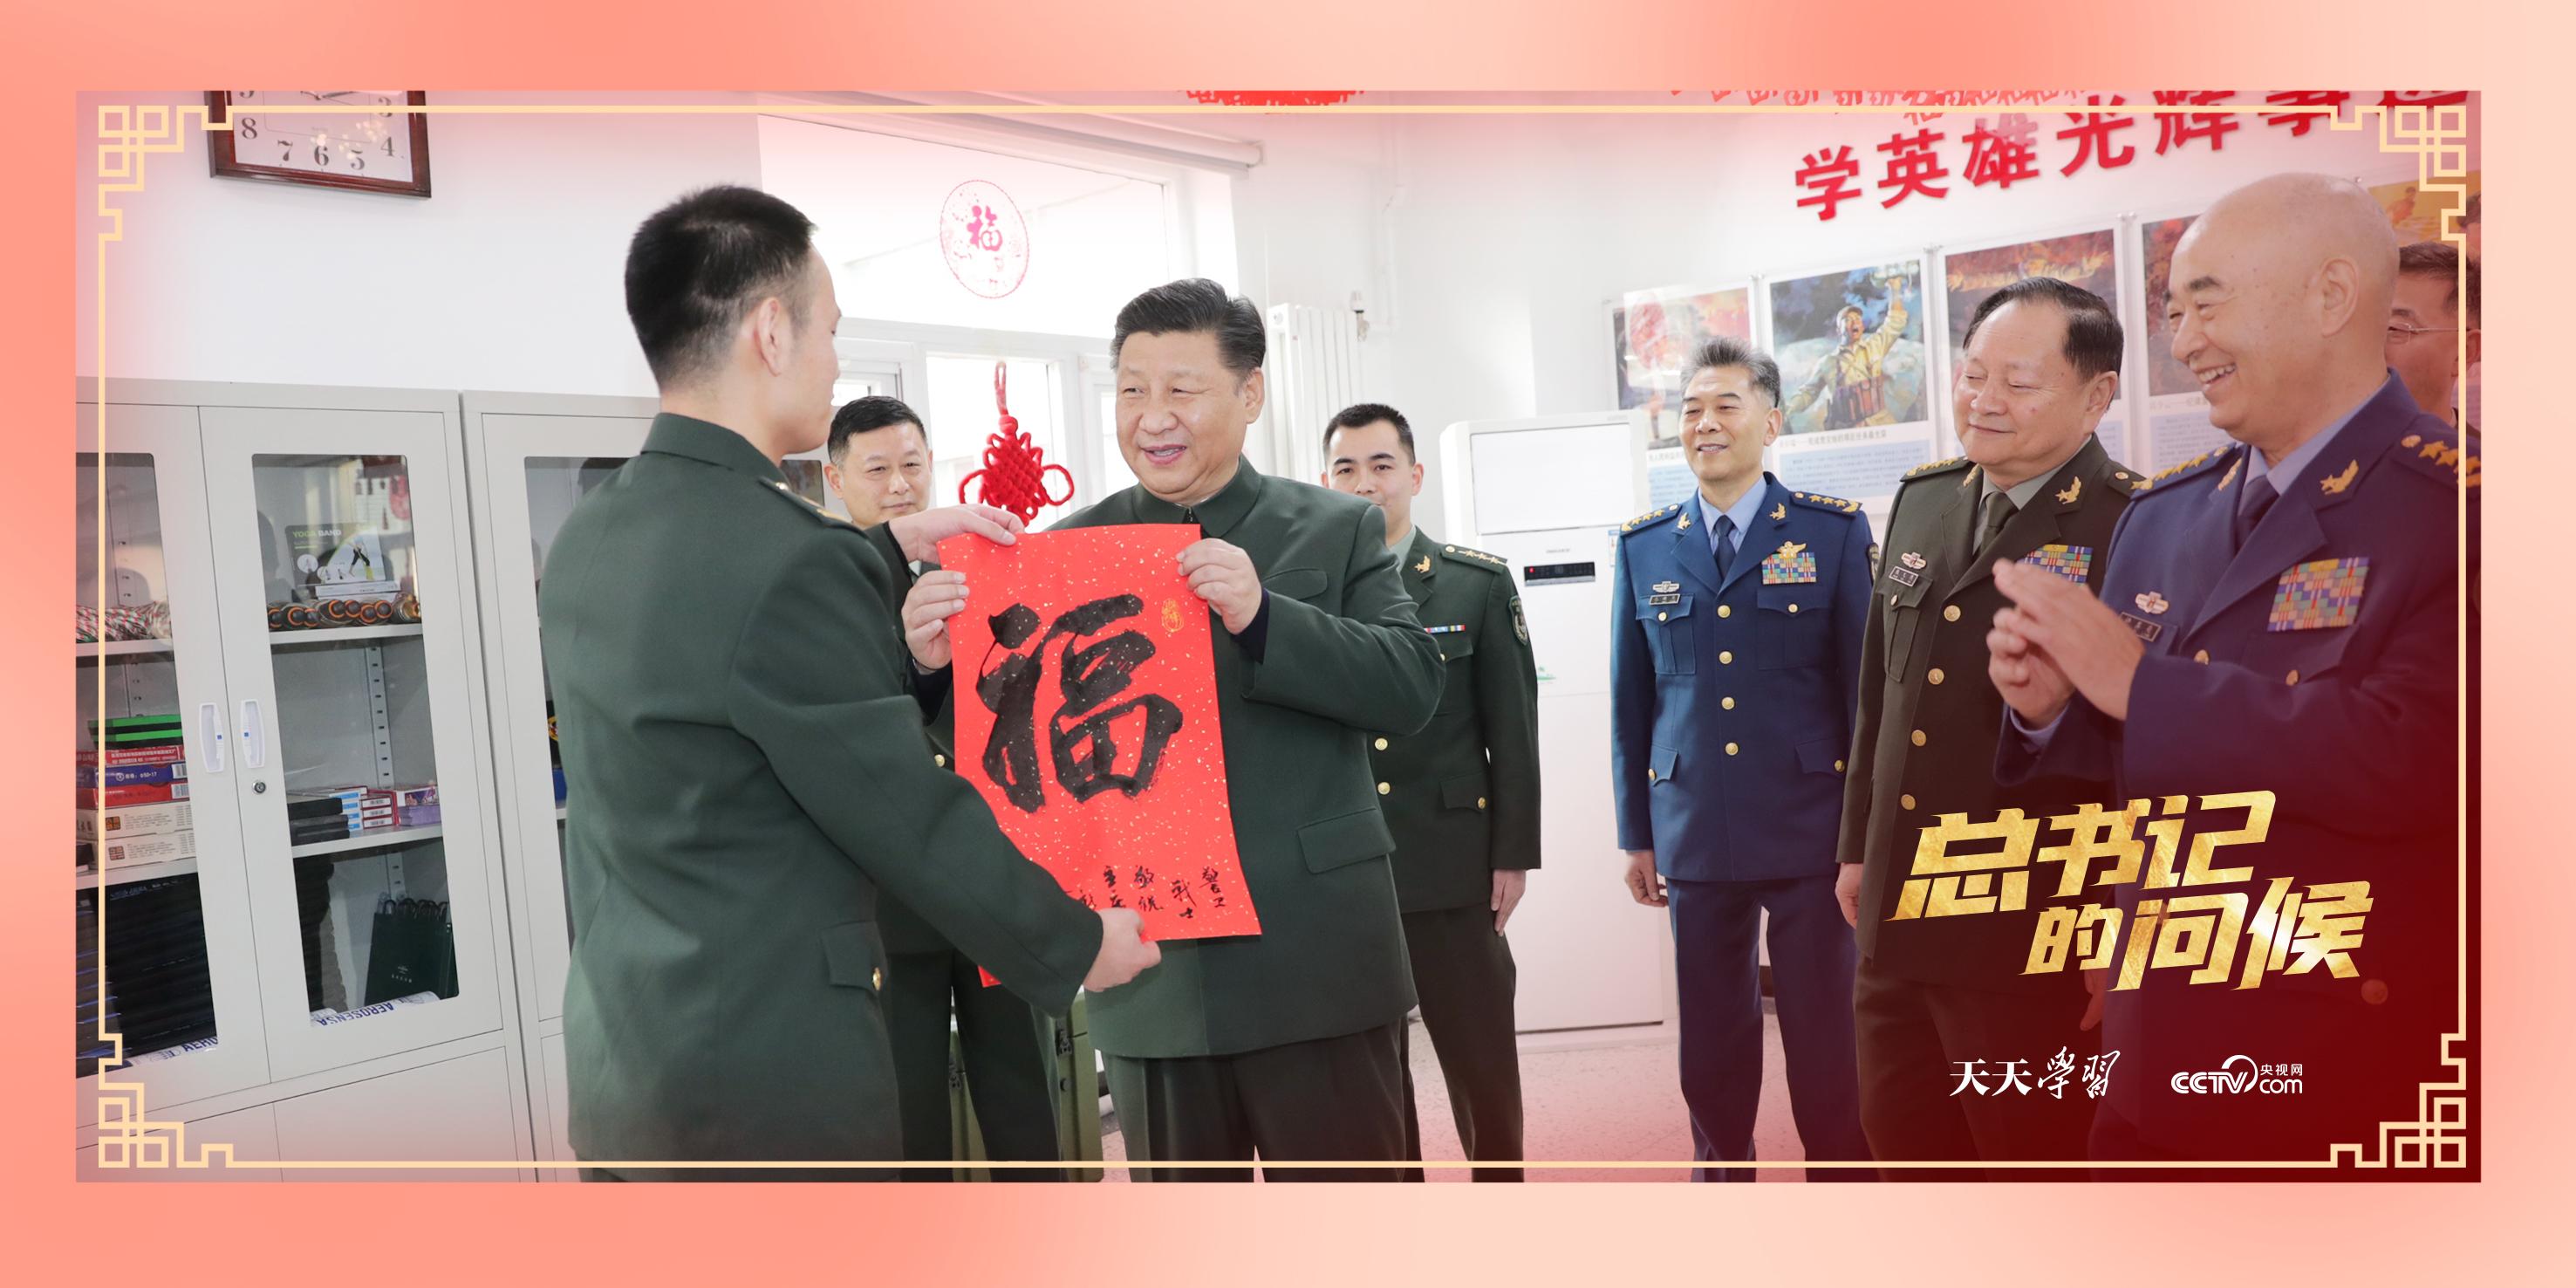 中国3名航天员在空间站祝党生日开心